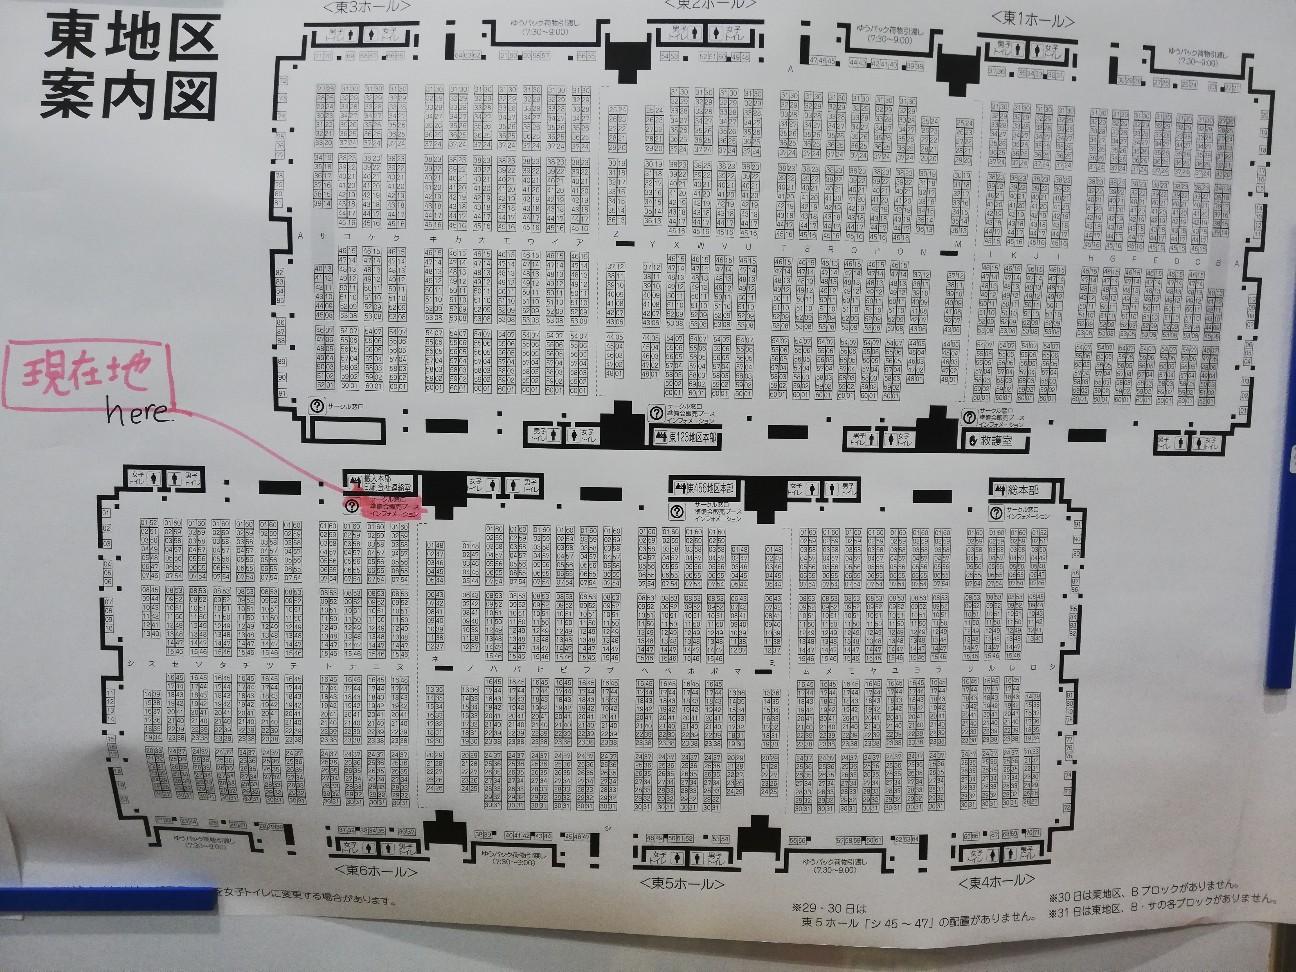 コミックマーケットC95の会場内マップ